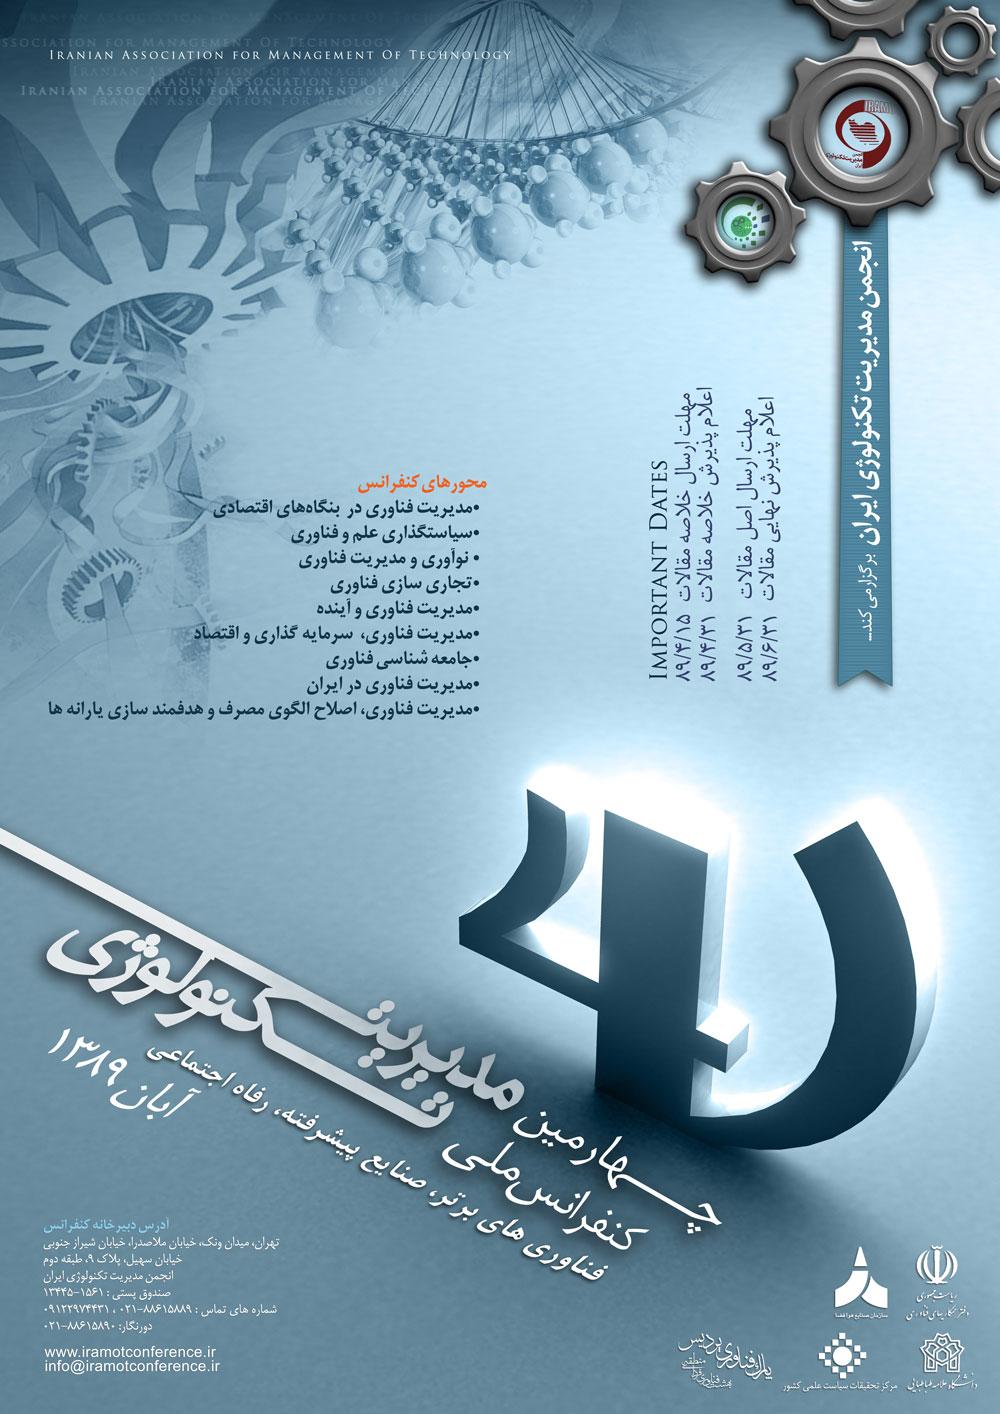 چهارمین کنفرانس مدیریت تکنولوژی ایران